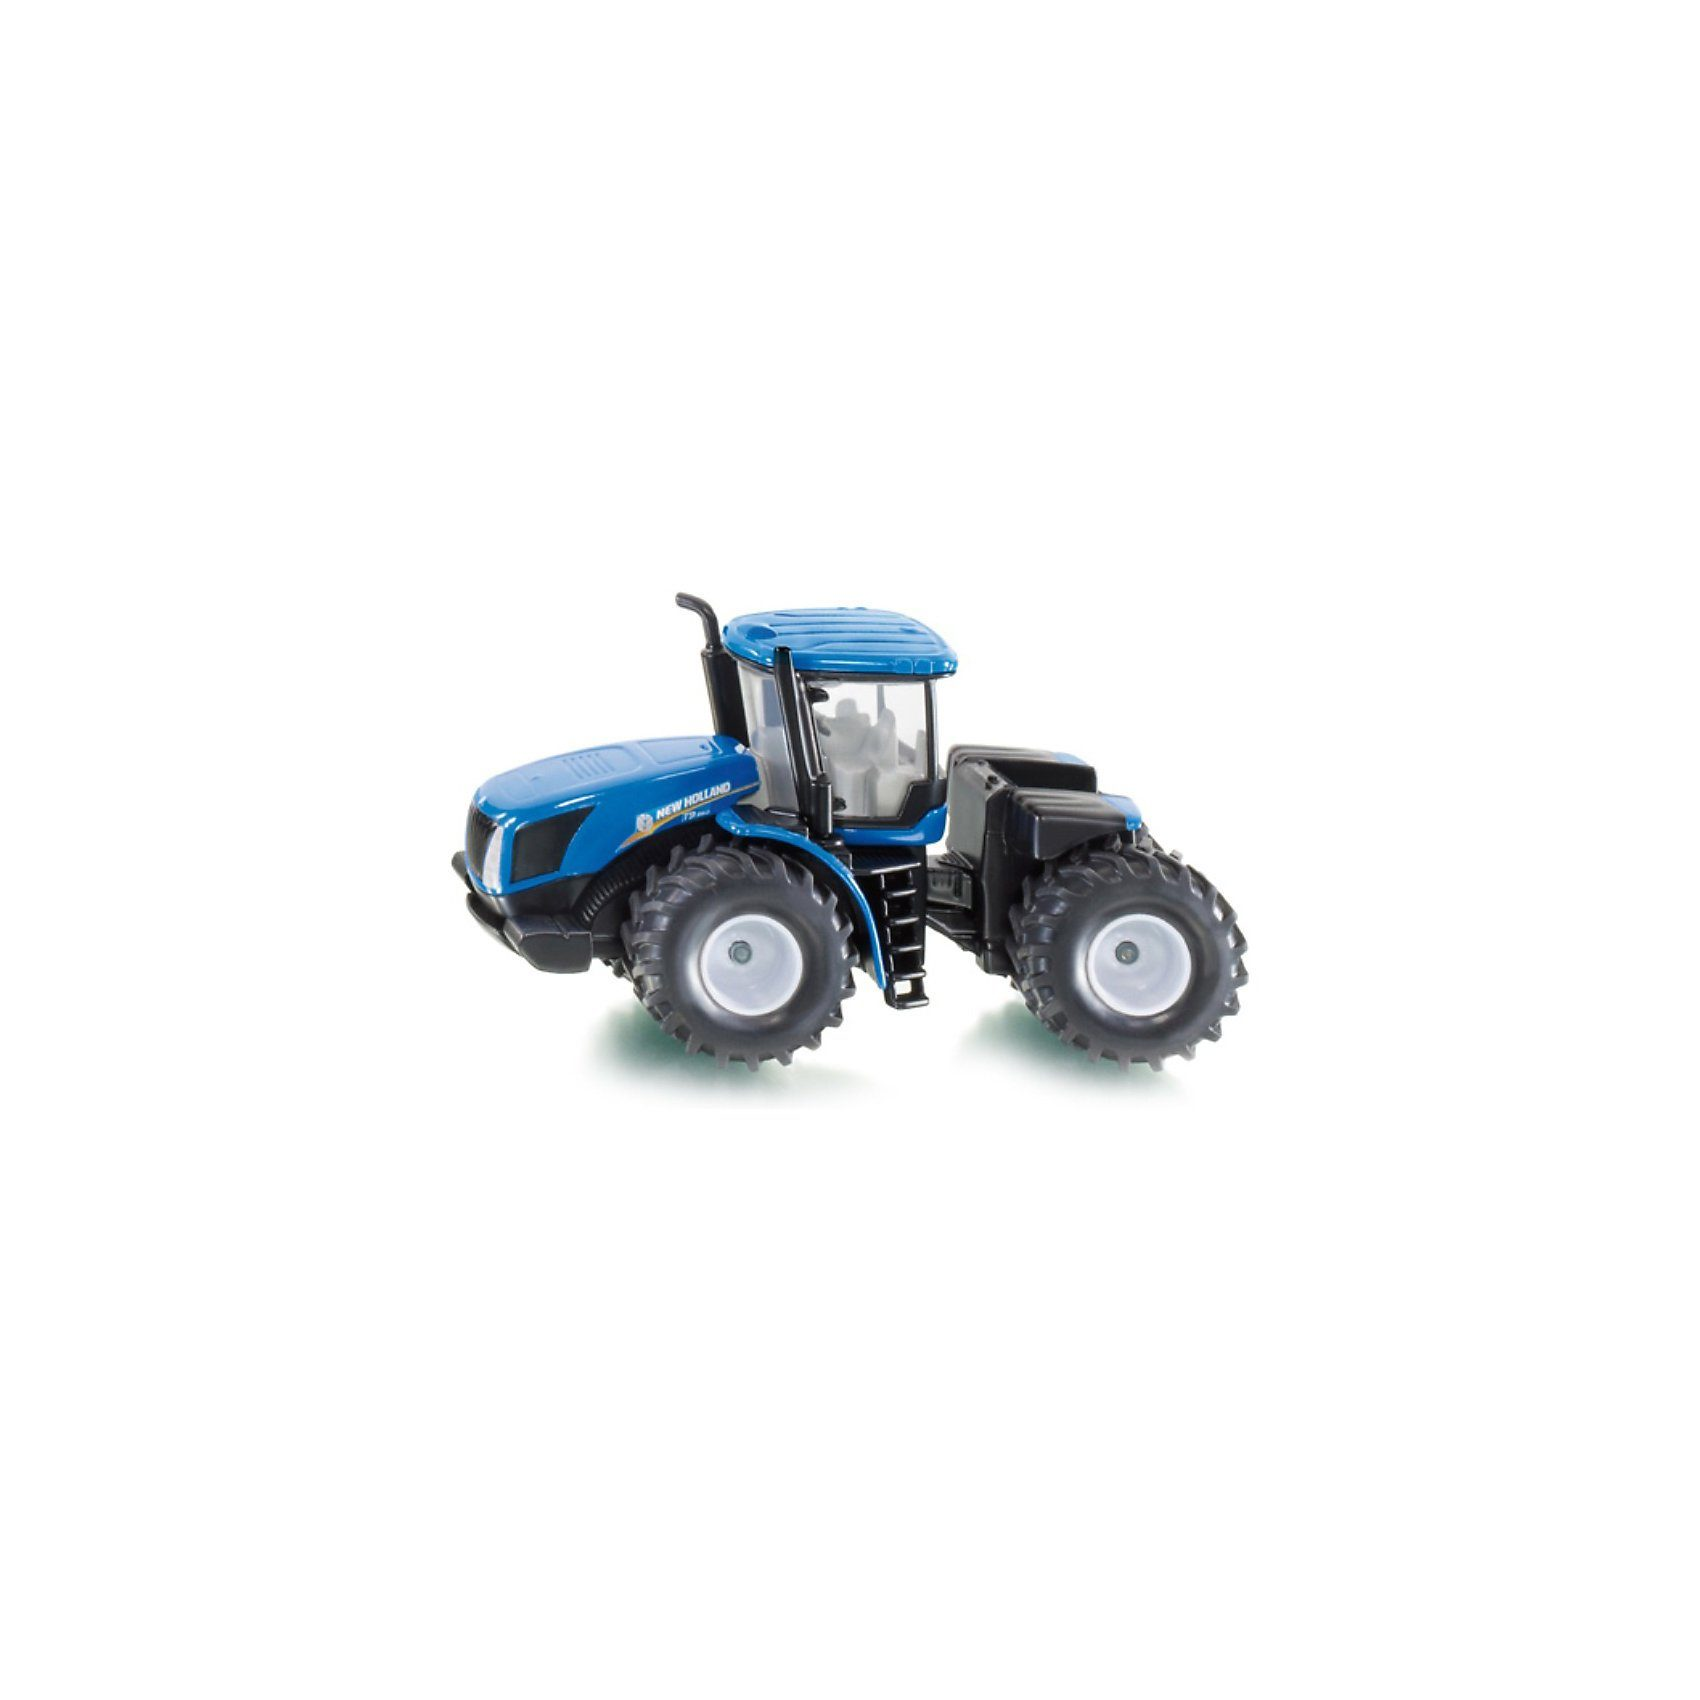 SIKU 1983 New Holland Traktor T 9000 1:50